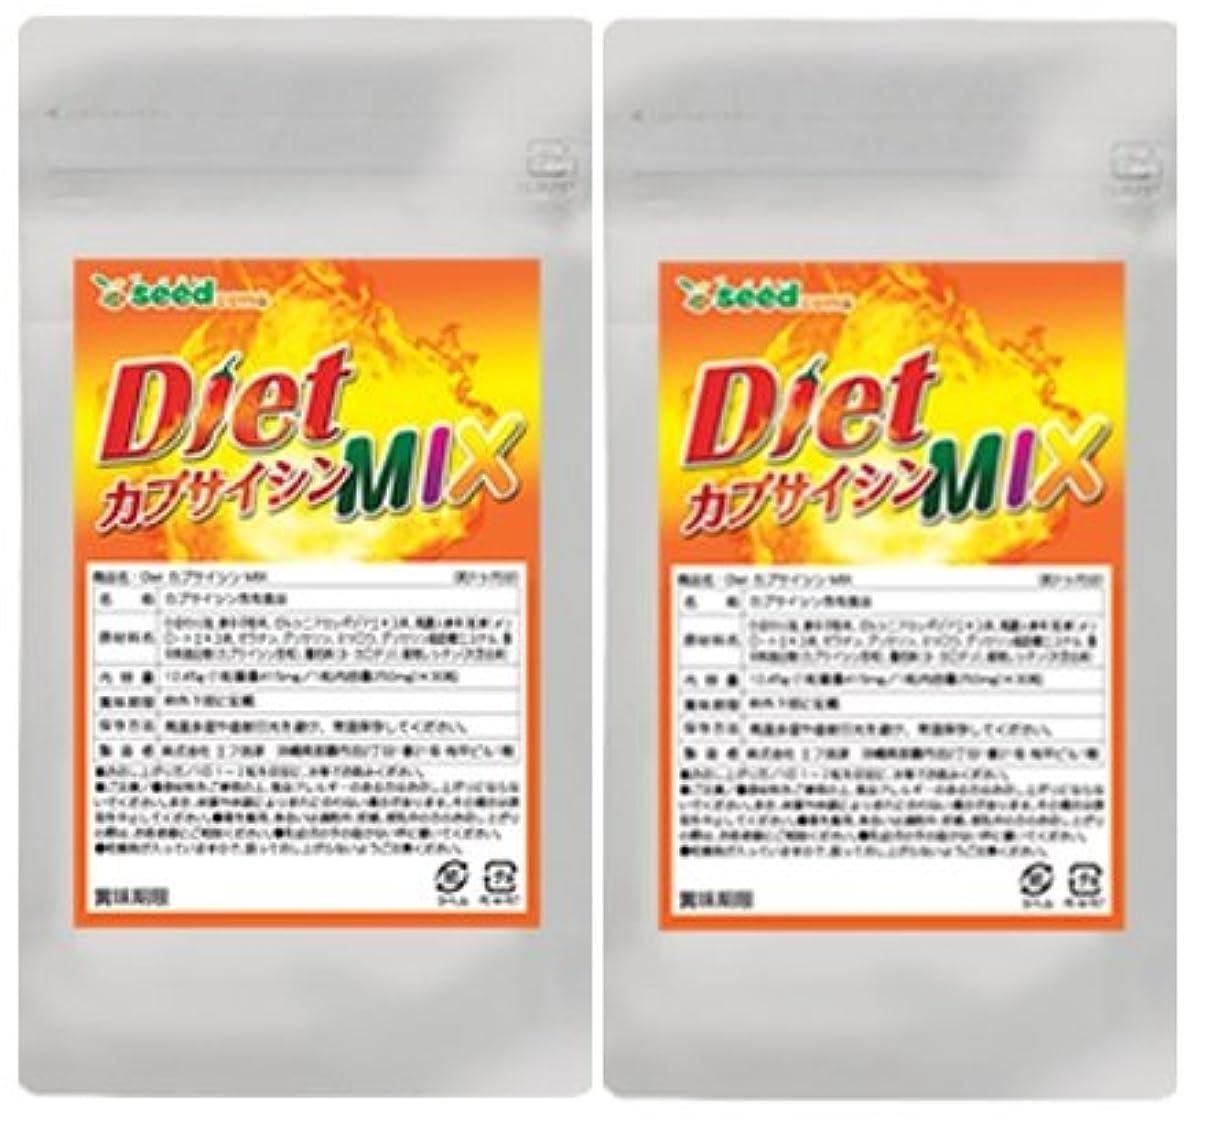 リサイクルする計画誓いシードコムス seedcoms Diet カプサイシン MIX メリロート、高麗人参 ガルシニアカンボジアエキス ダイエット 約6ケ月分 180粒